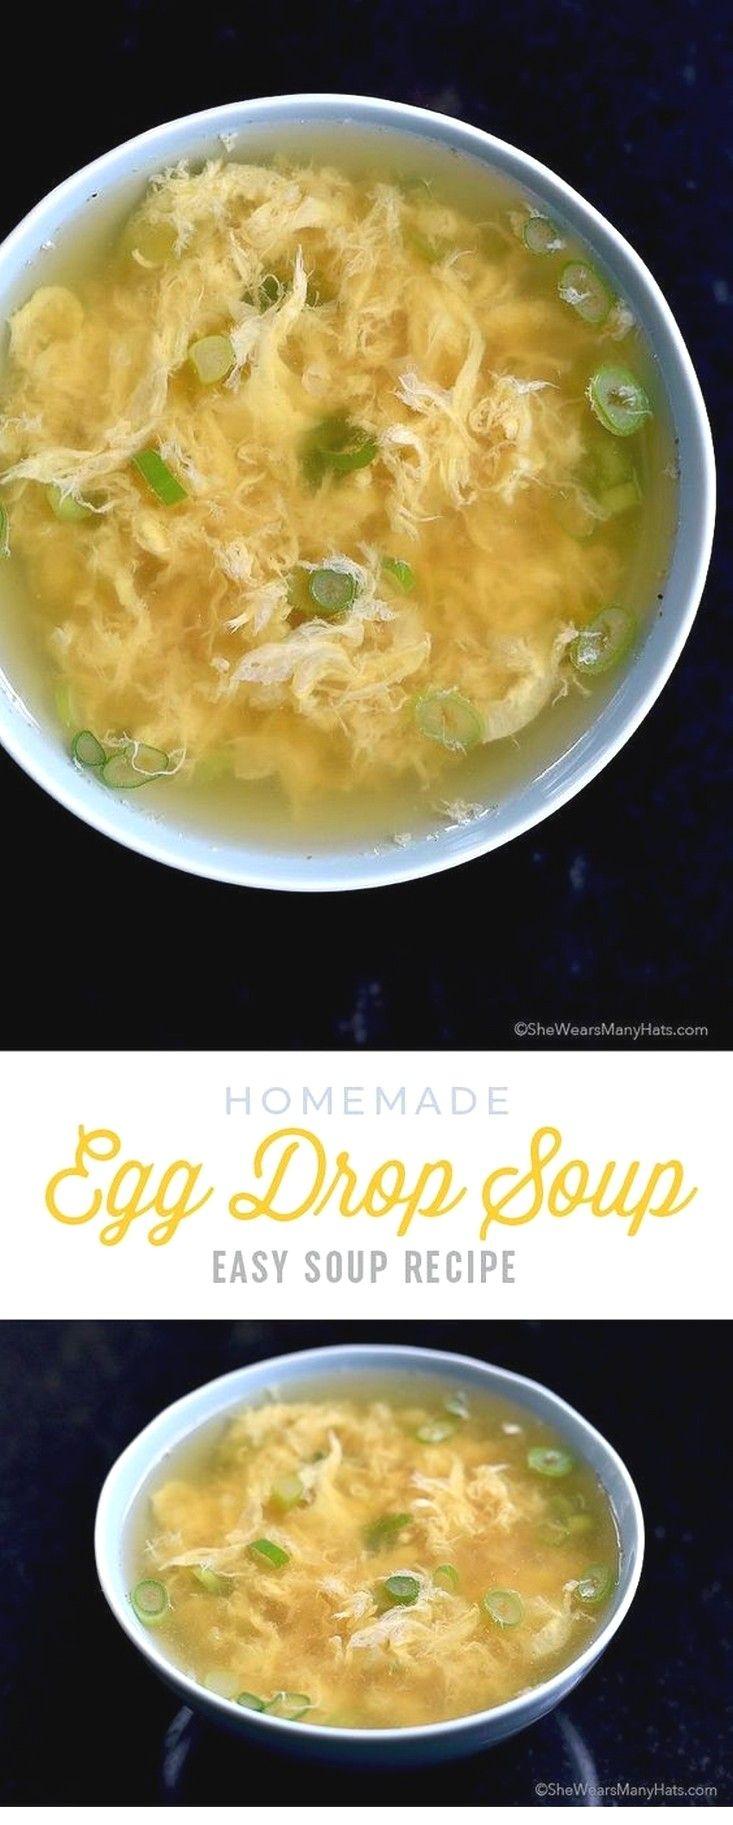 Soup Recipes Ideas   Egg Drop Soup images